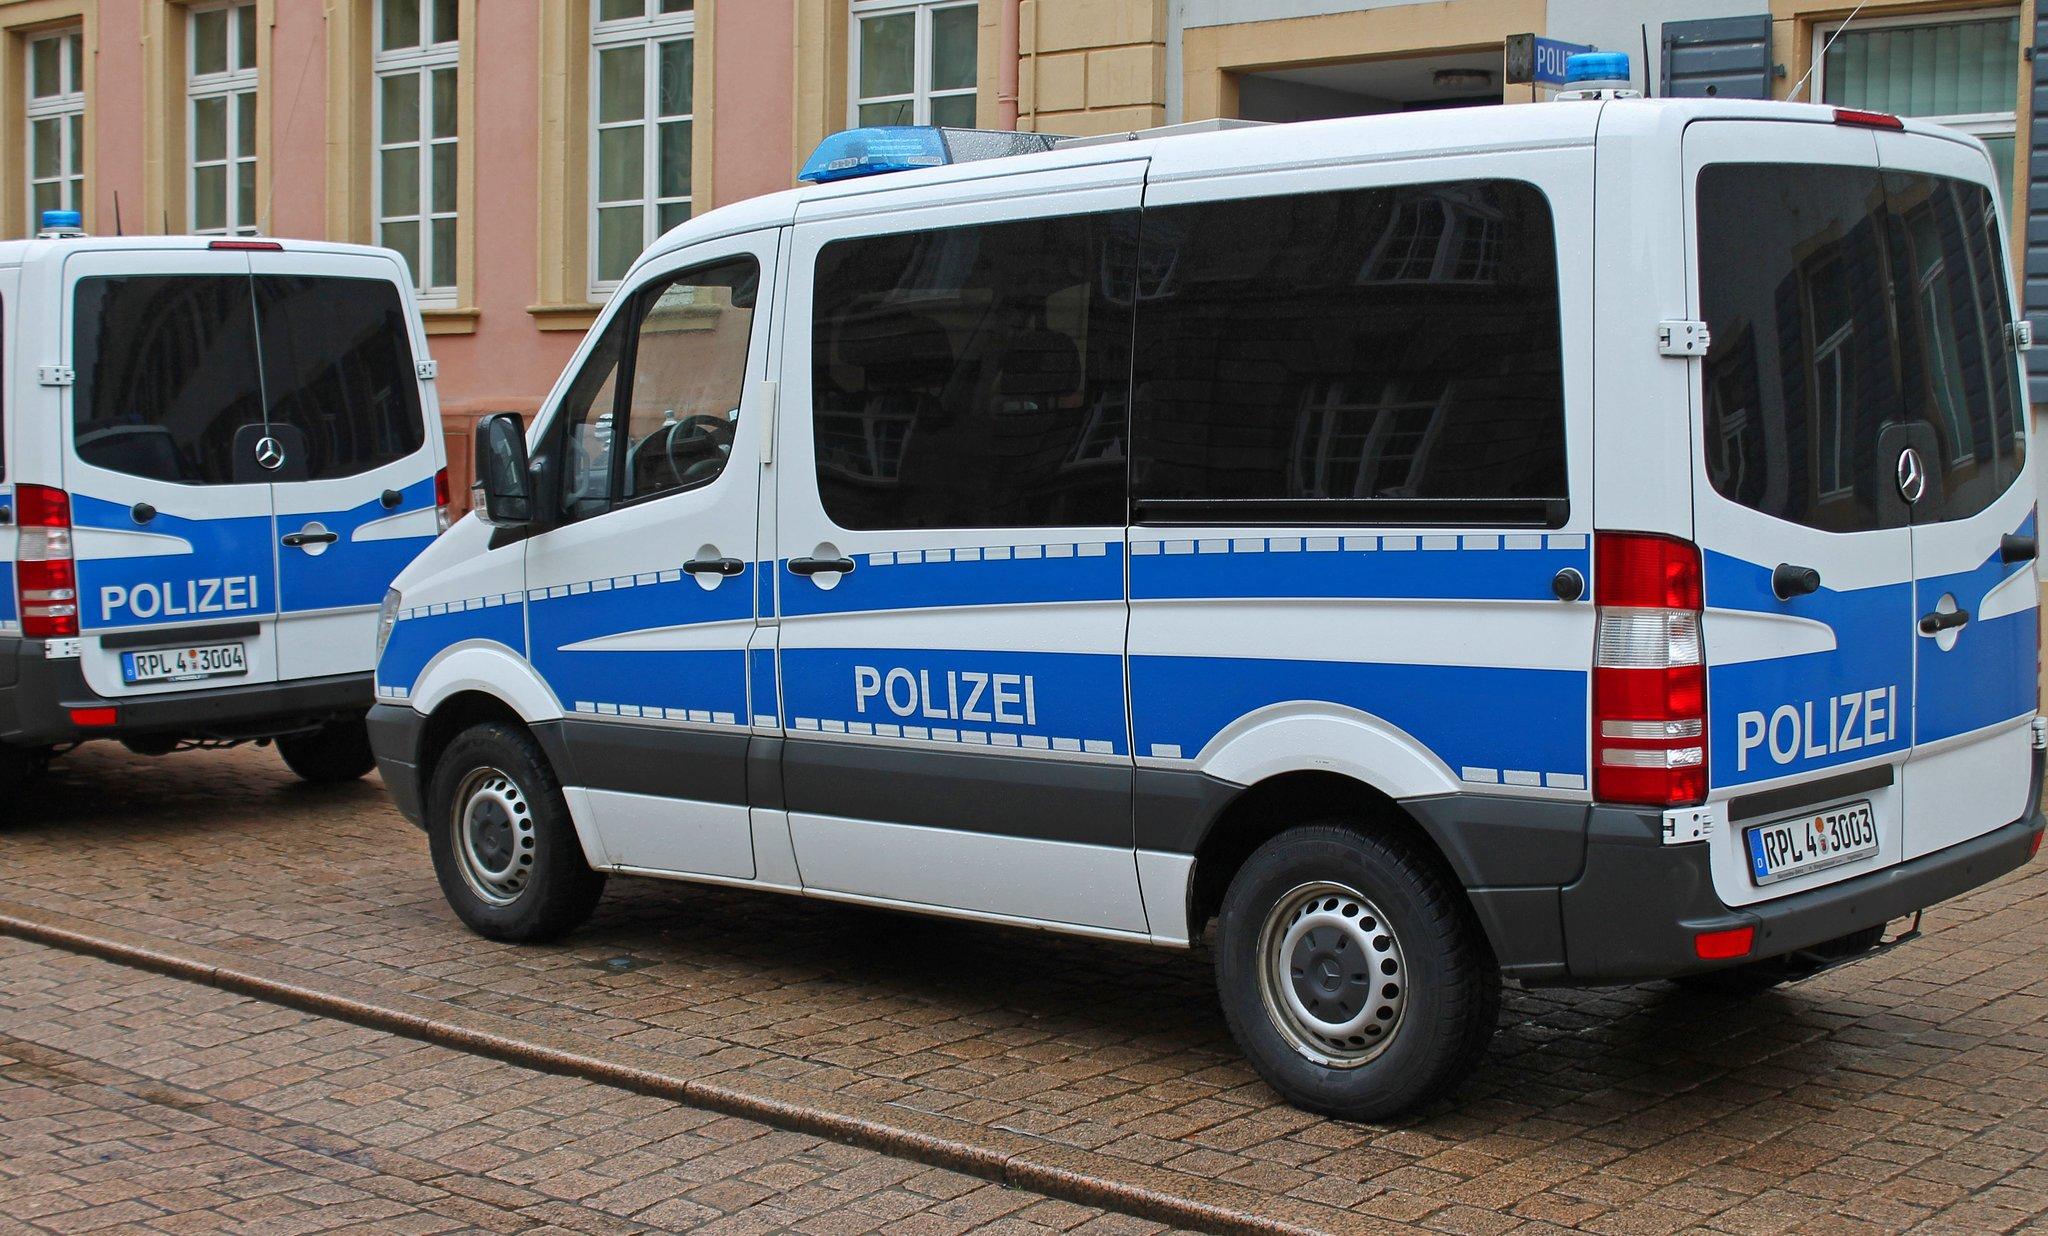 3c69a39b69272 87-Jährige in Speyer bestohlen  Dreister Dieb stiehlt Handtasche aus  Fahrradkorb - Speyer